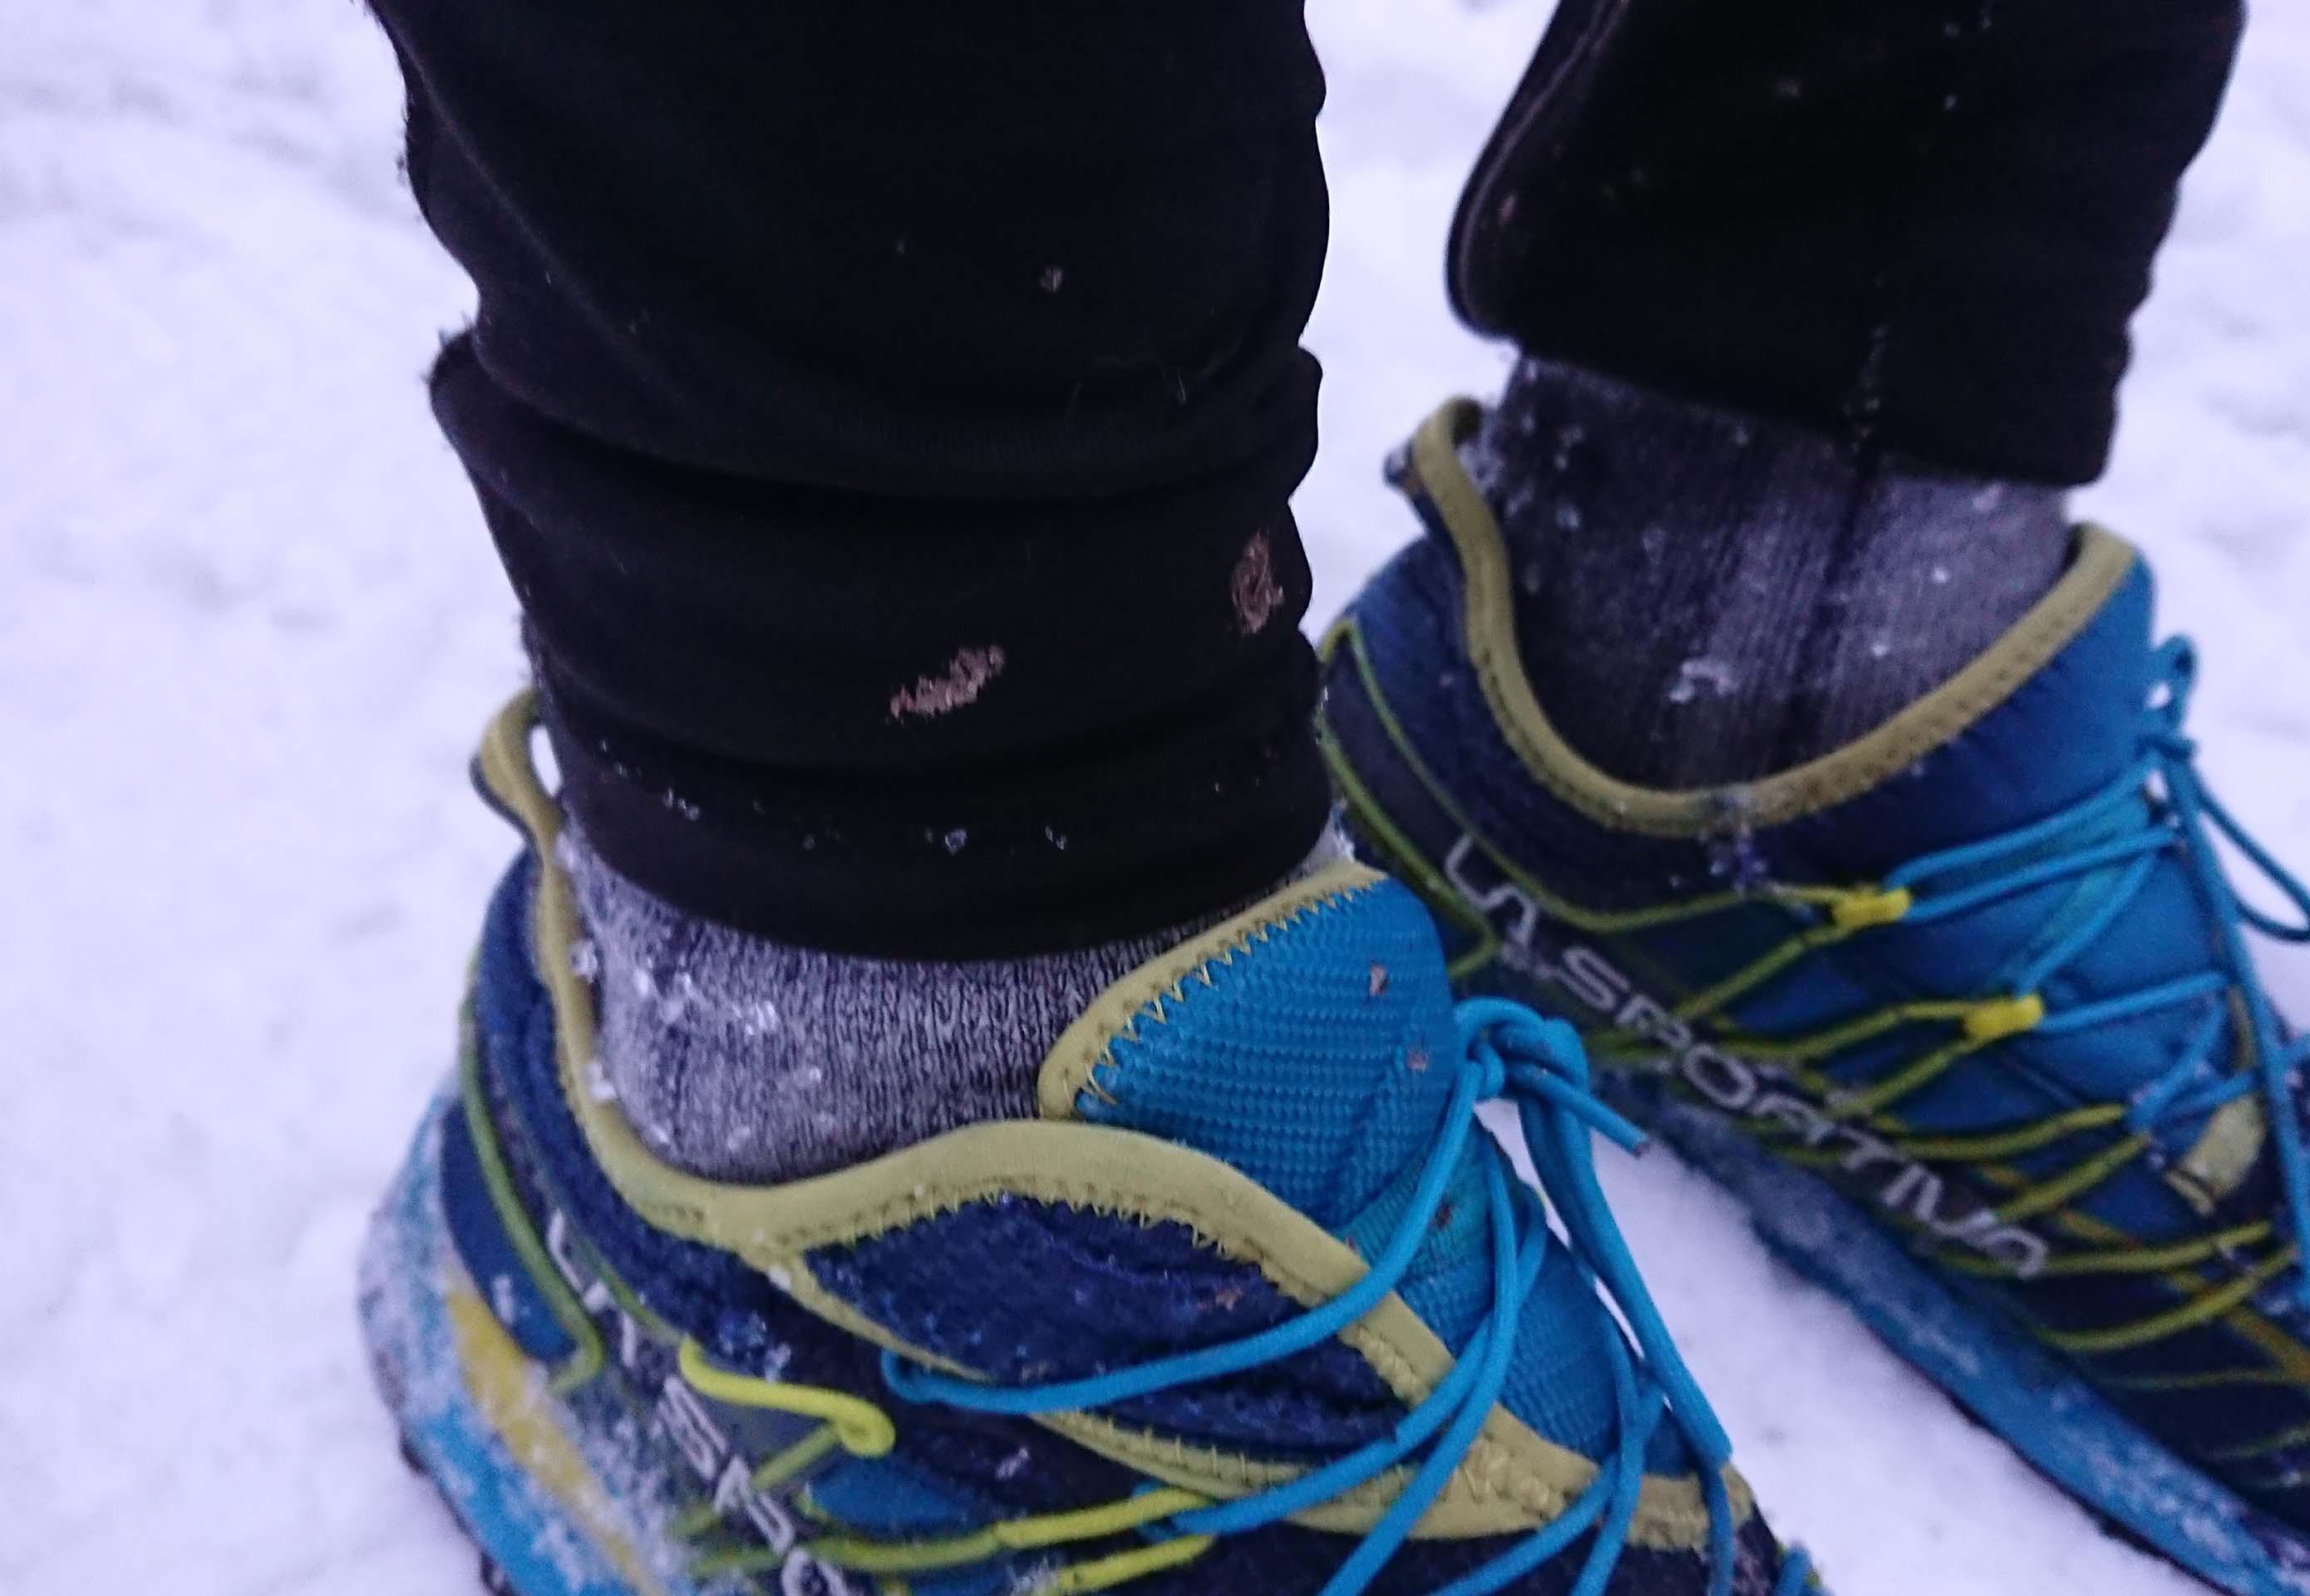 Merino pono6ky Mund altai v zime počas behania